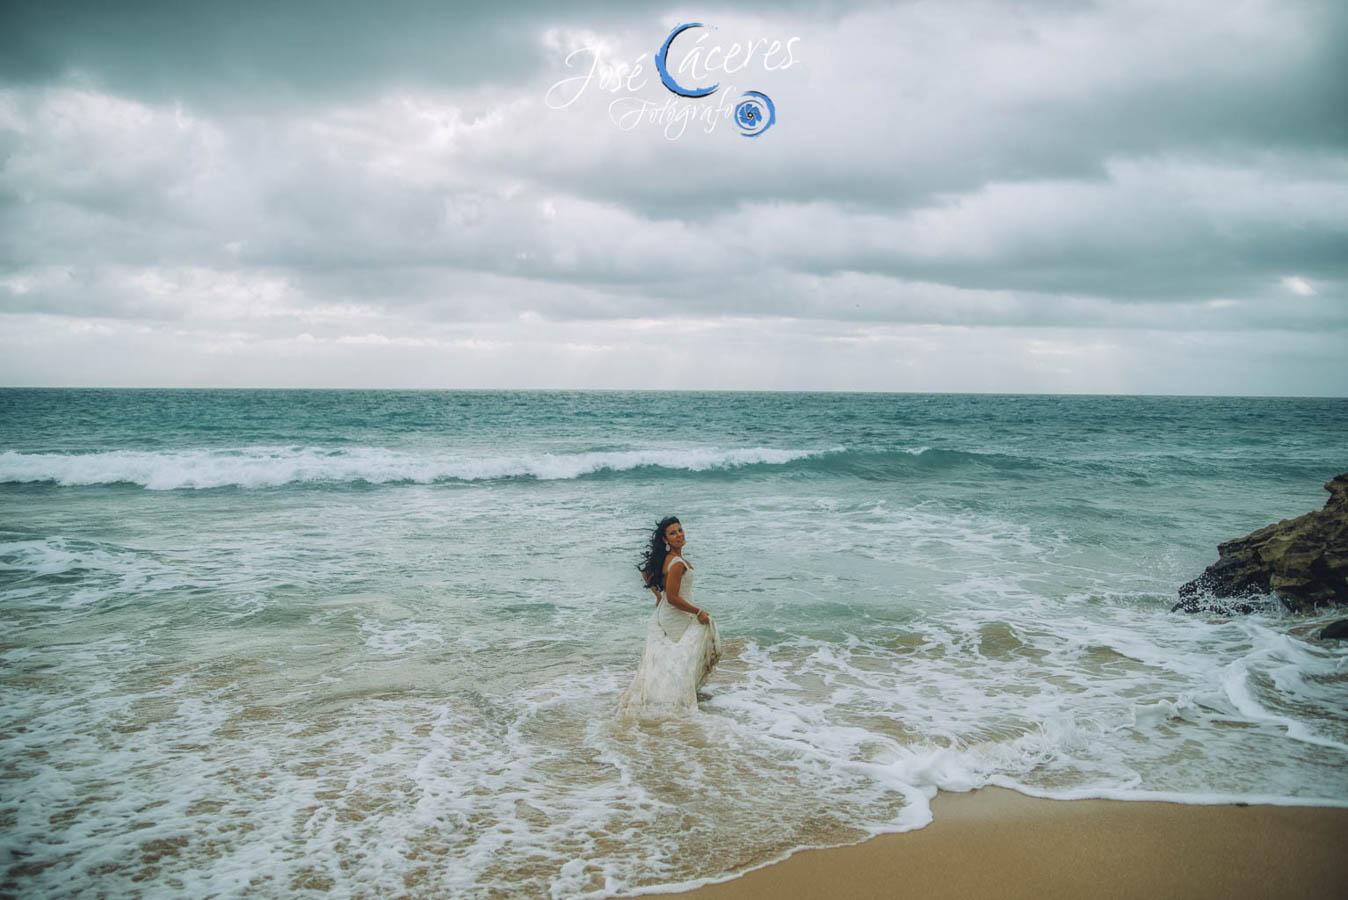 Sesion fotografica de jose caceres fotografia, post boda leticia y jose luis, playas-27